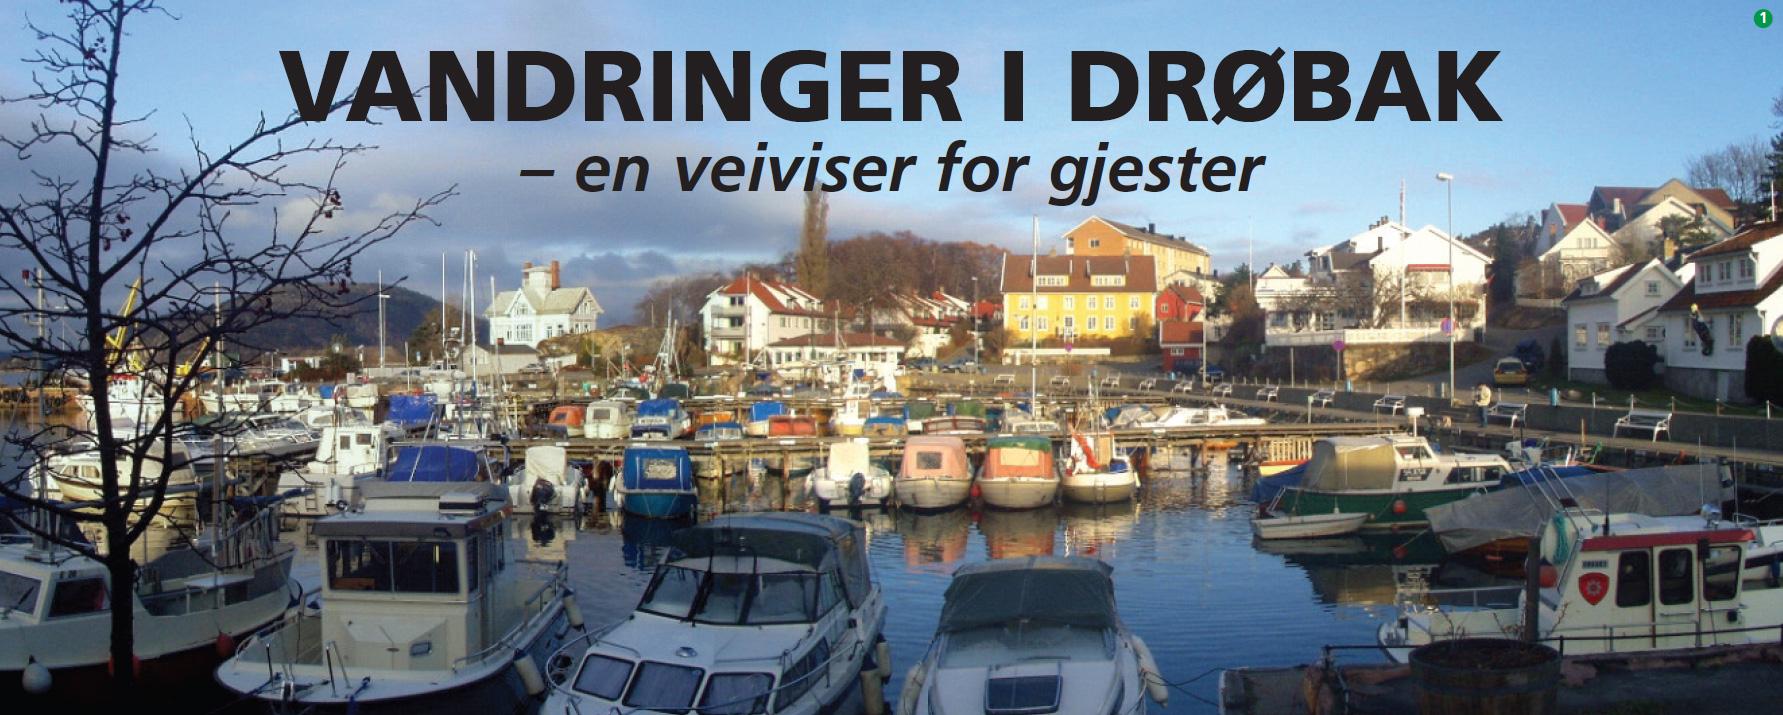 Vandringer i Drøbak - en veiviser for gjester